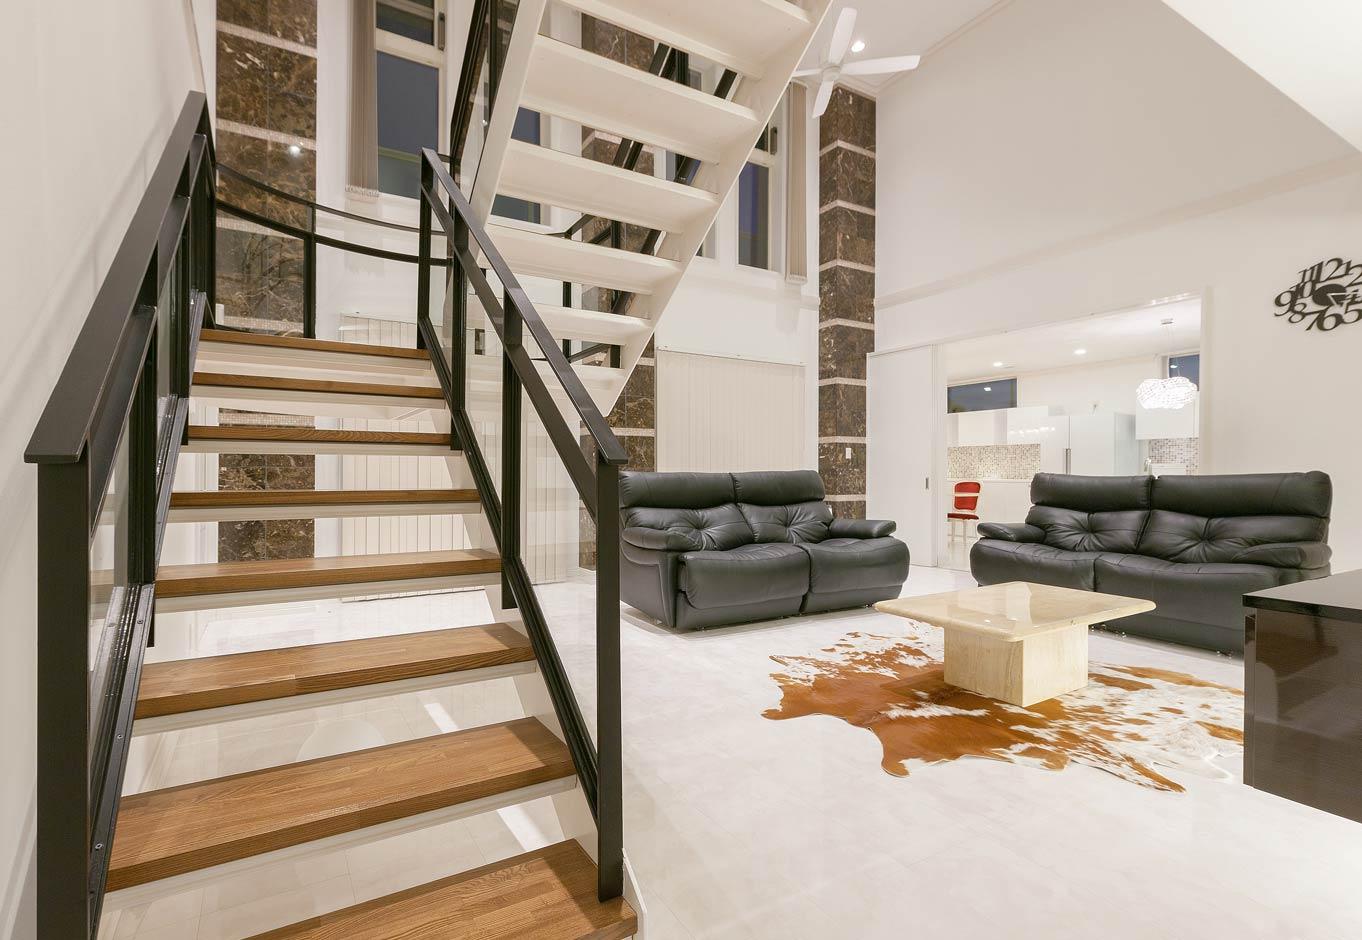 i.u.建築企画【デザイン住宅、建築家、インテリア】鉄骨のデザイン階段。開放感を持たせるため手摺はガラスを使用。踊場部分は曲線となっている